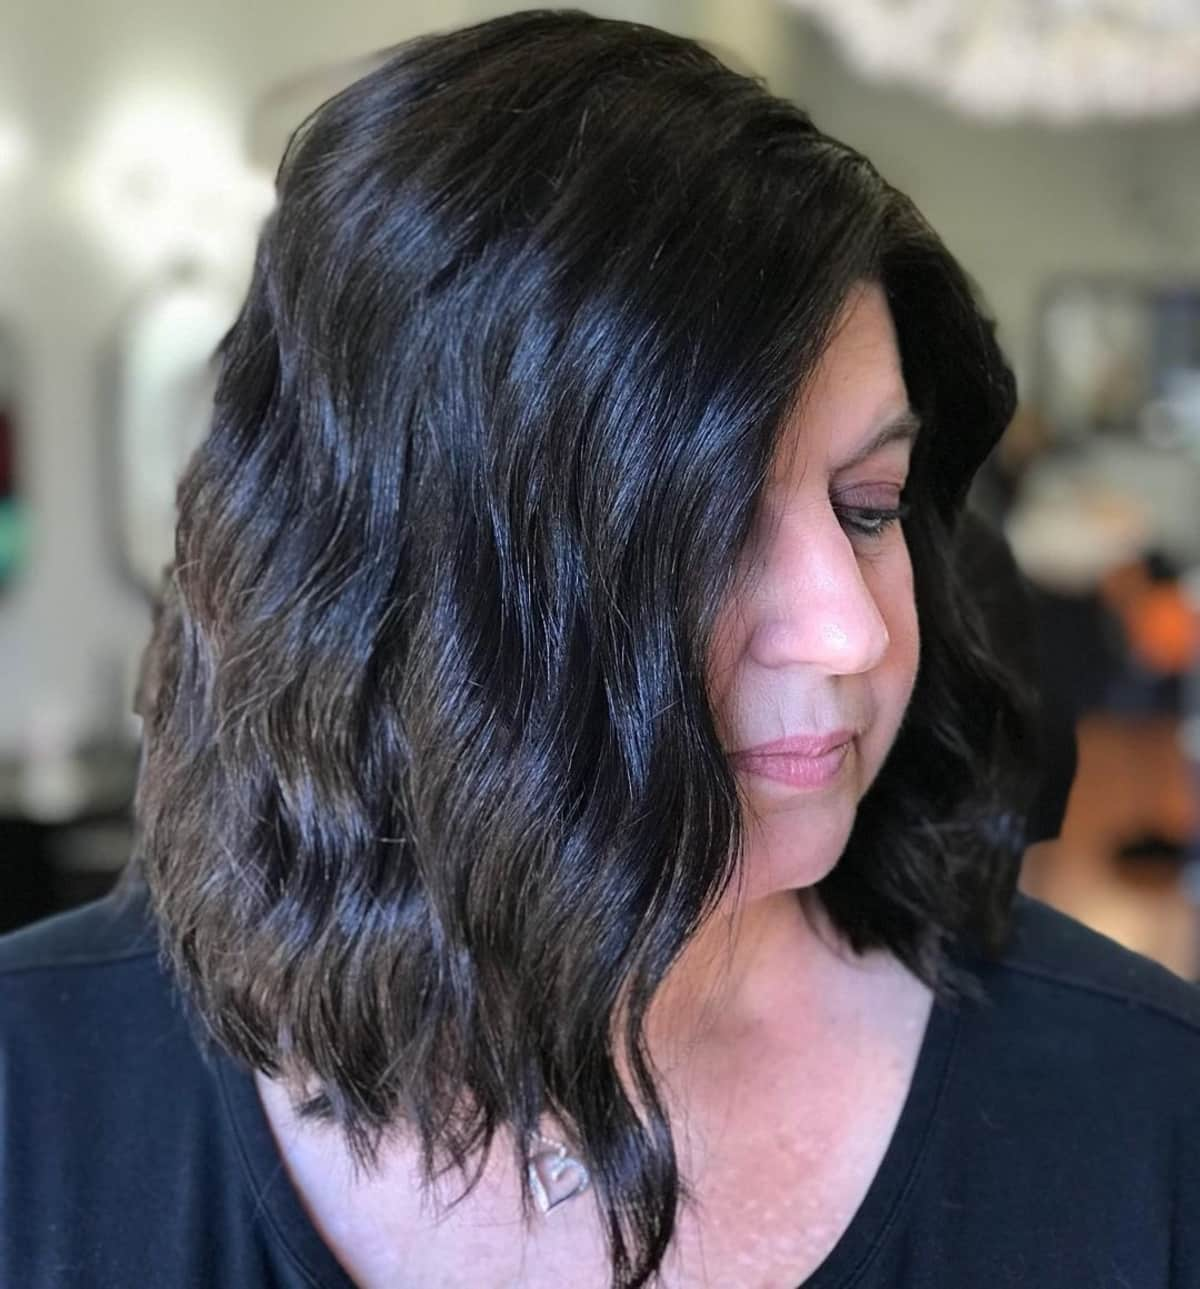 Le mid stacked bob pour les femmes de plus de 50 ans aux cheveux ondulés.